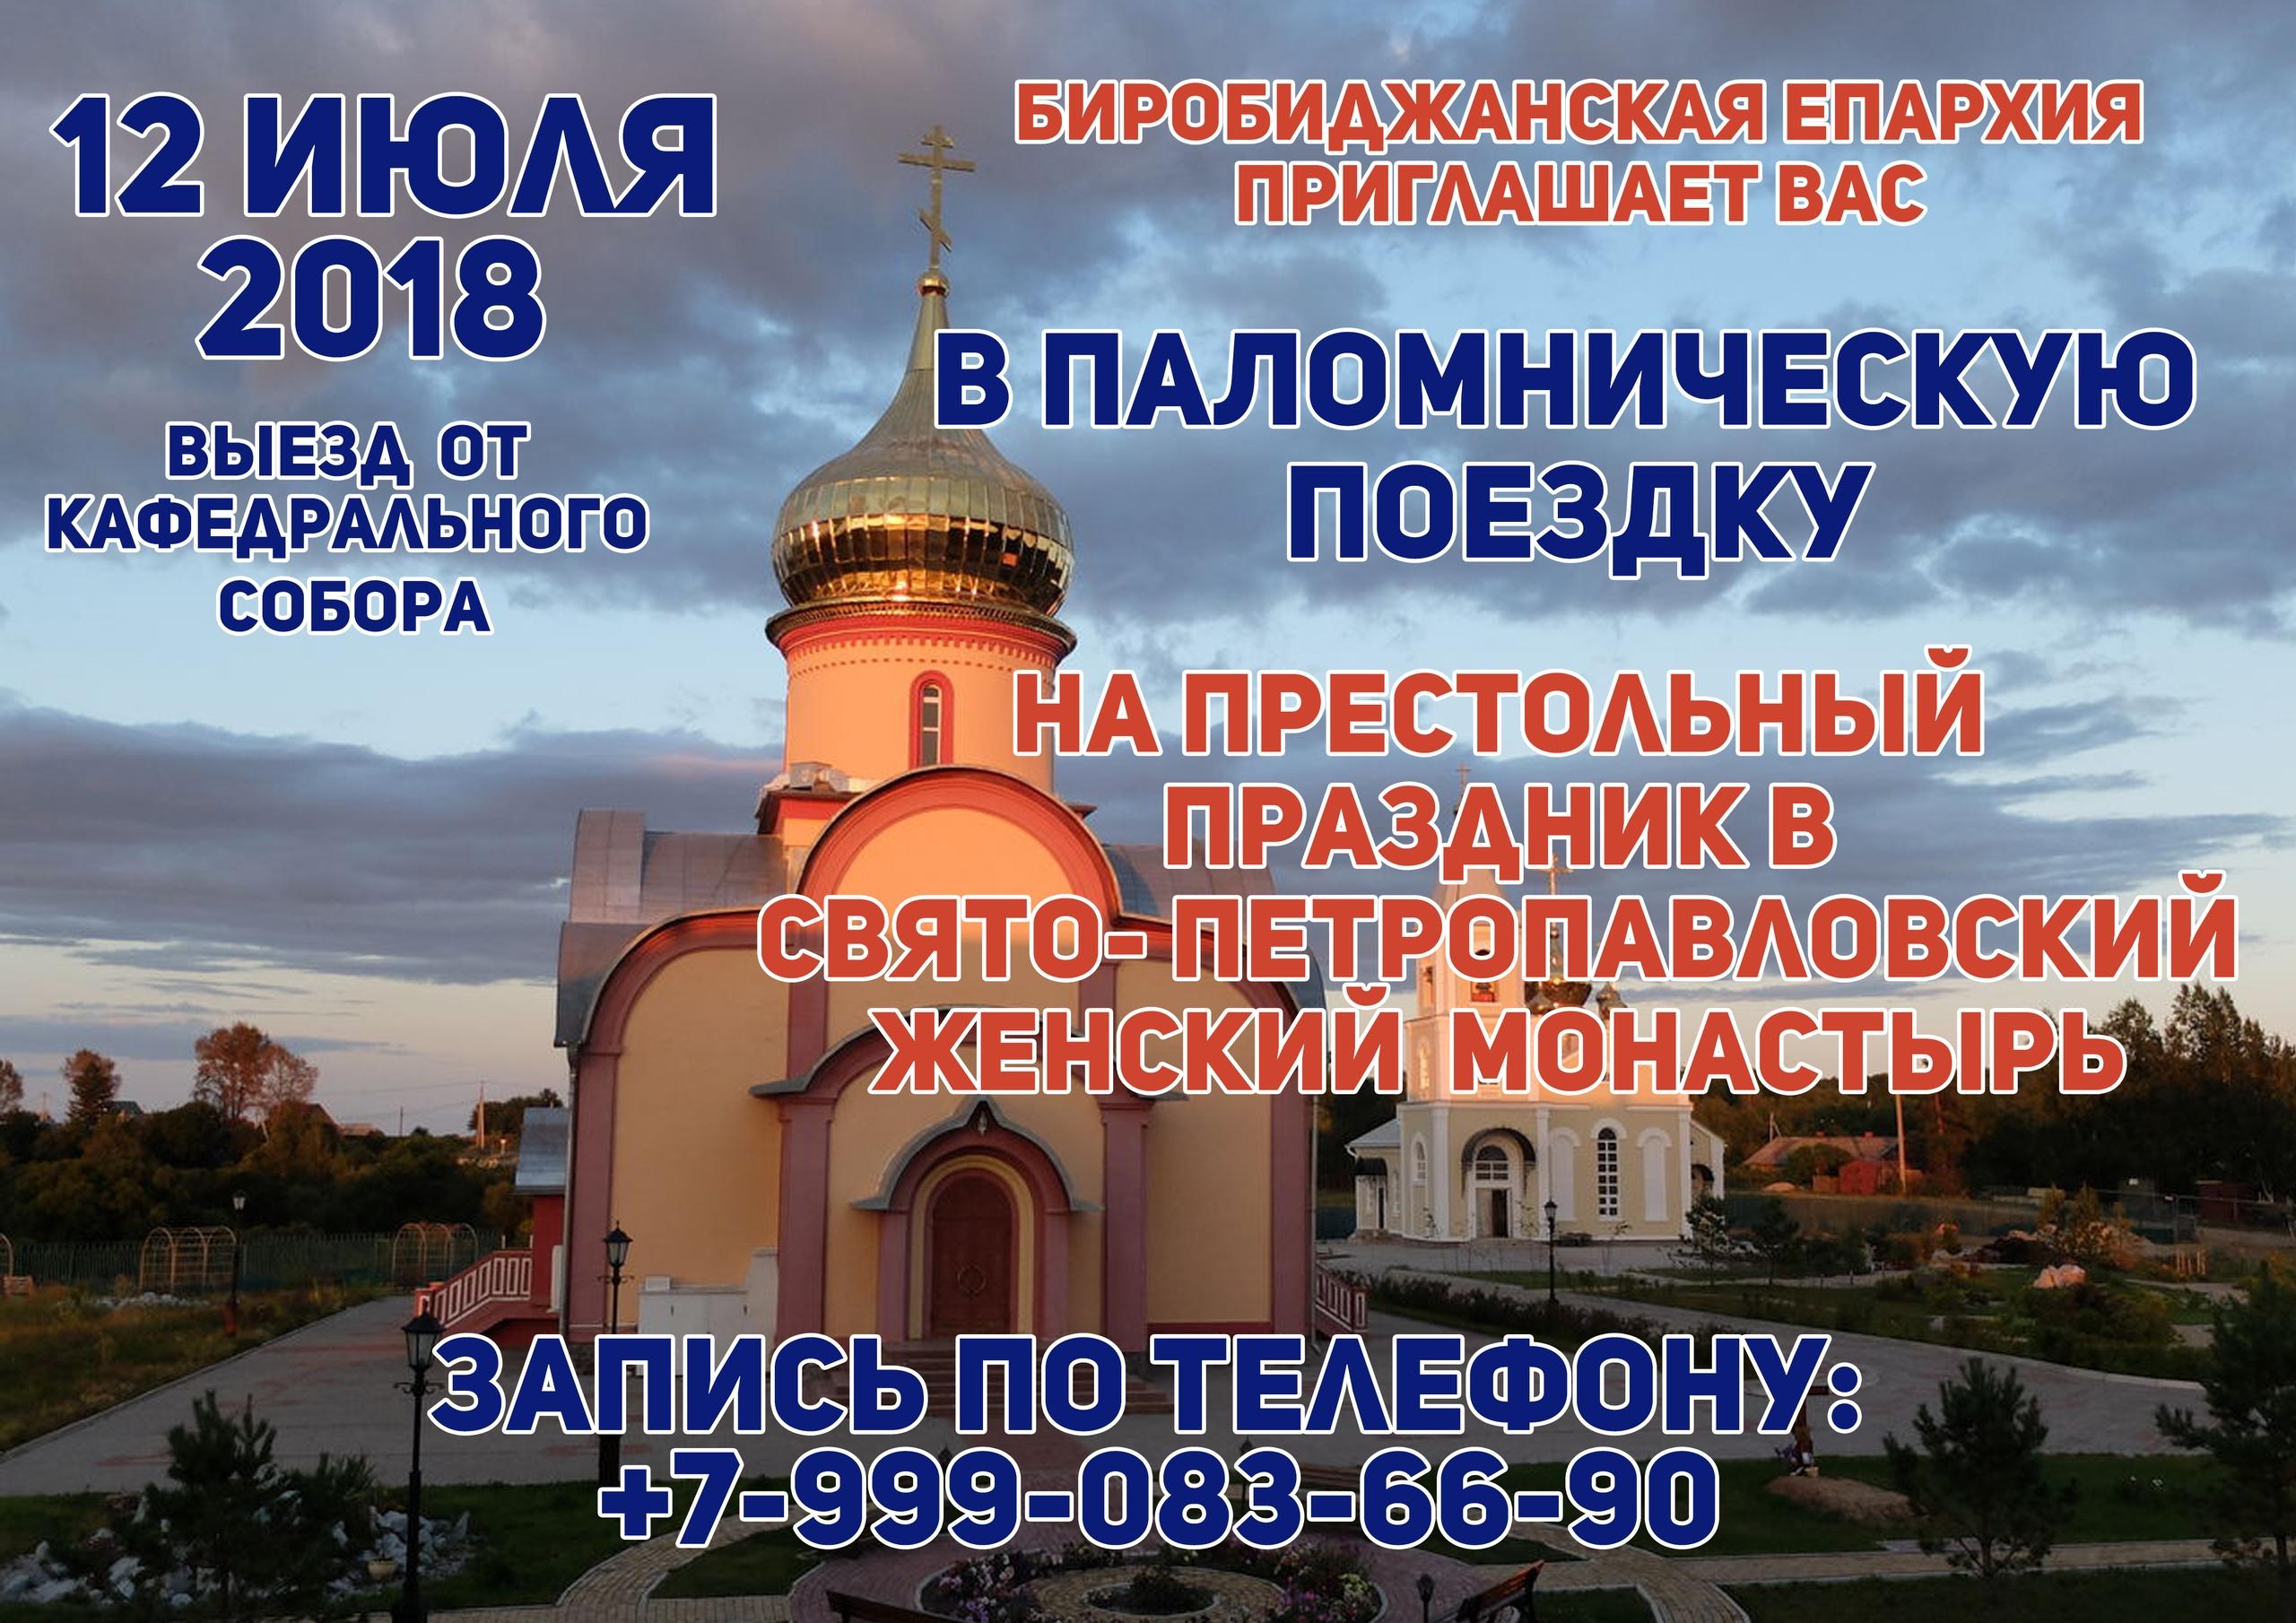 Автобусная паломническая поездка состоится 12 июля 2018 года, в день первоверховных апостолов Петра и Павла